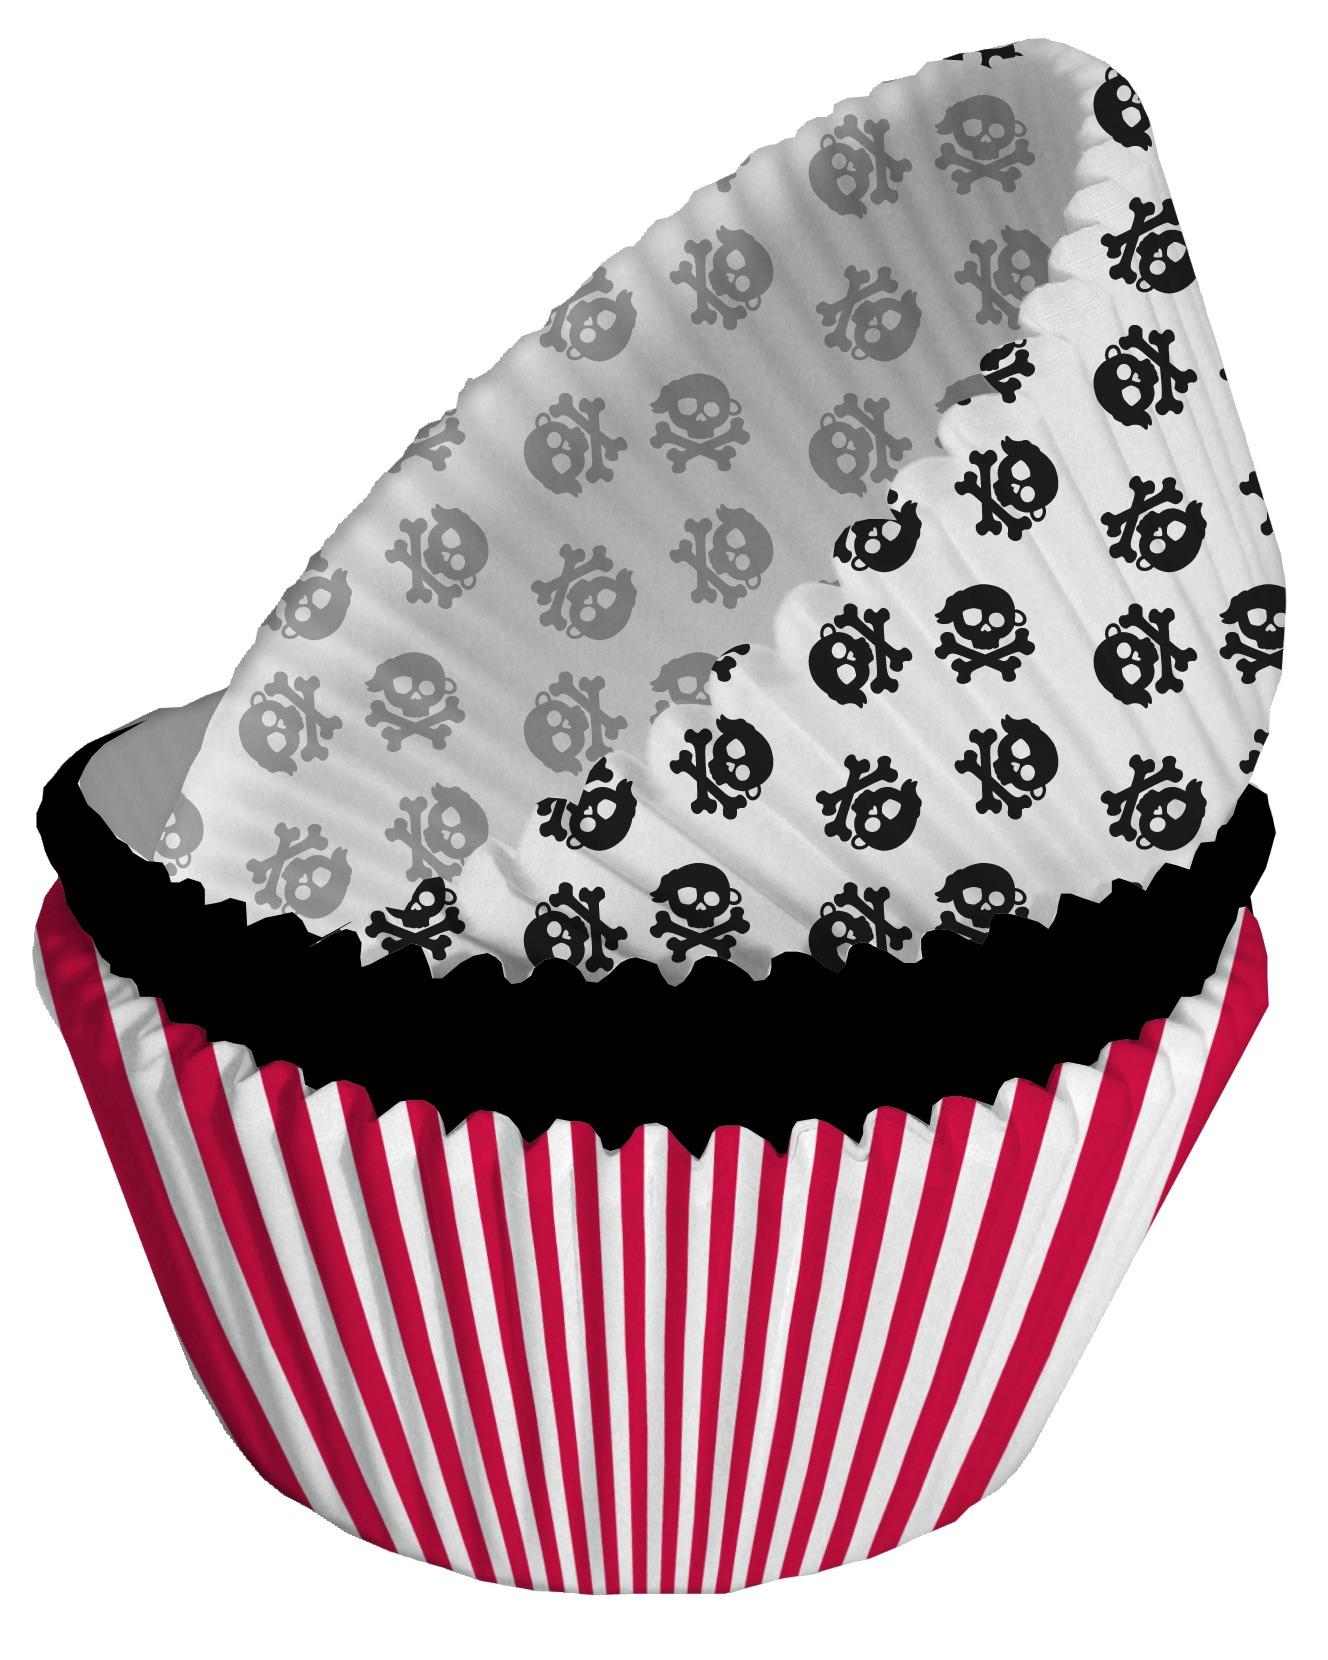 75 moules cupcake papier pirate party d coration anniversaire et f tes th me sur vegaoo party. Black Bedroom Furniture Sets. Home Design Ideas